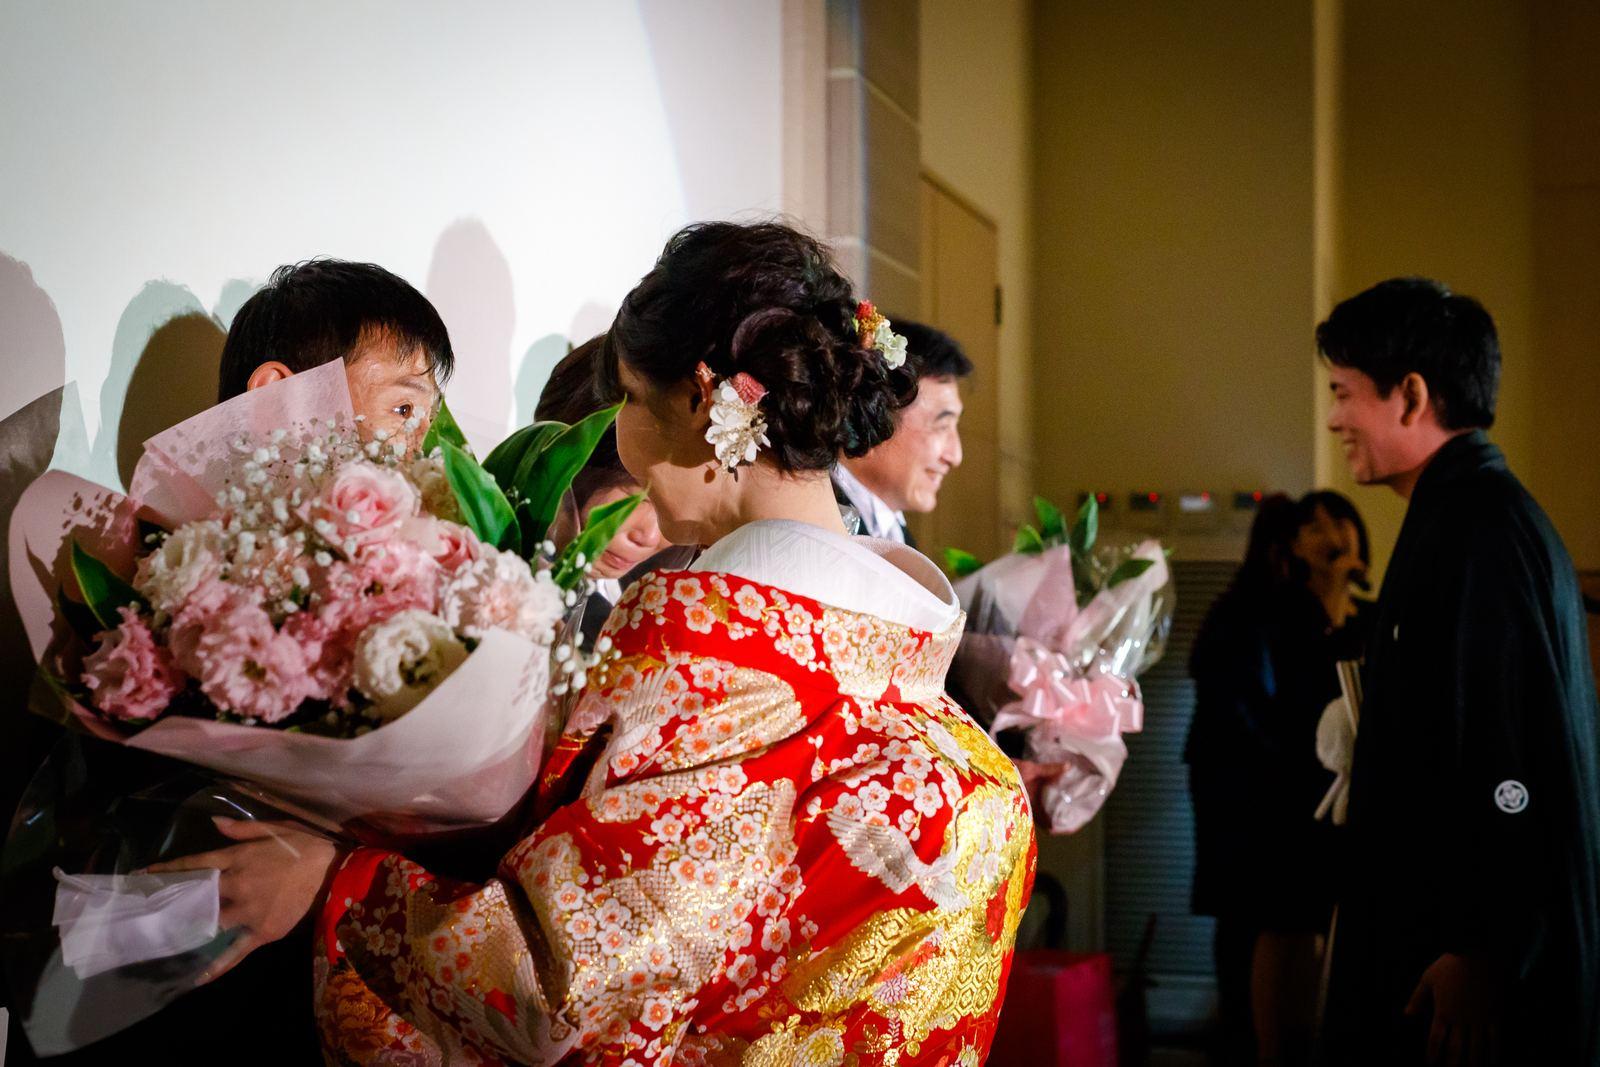 高松市の結婚式場アイルバレクラブ 記念品贈呈